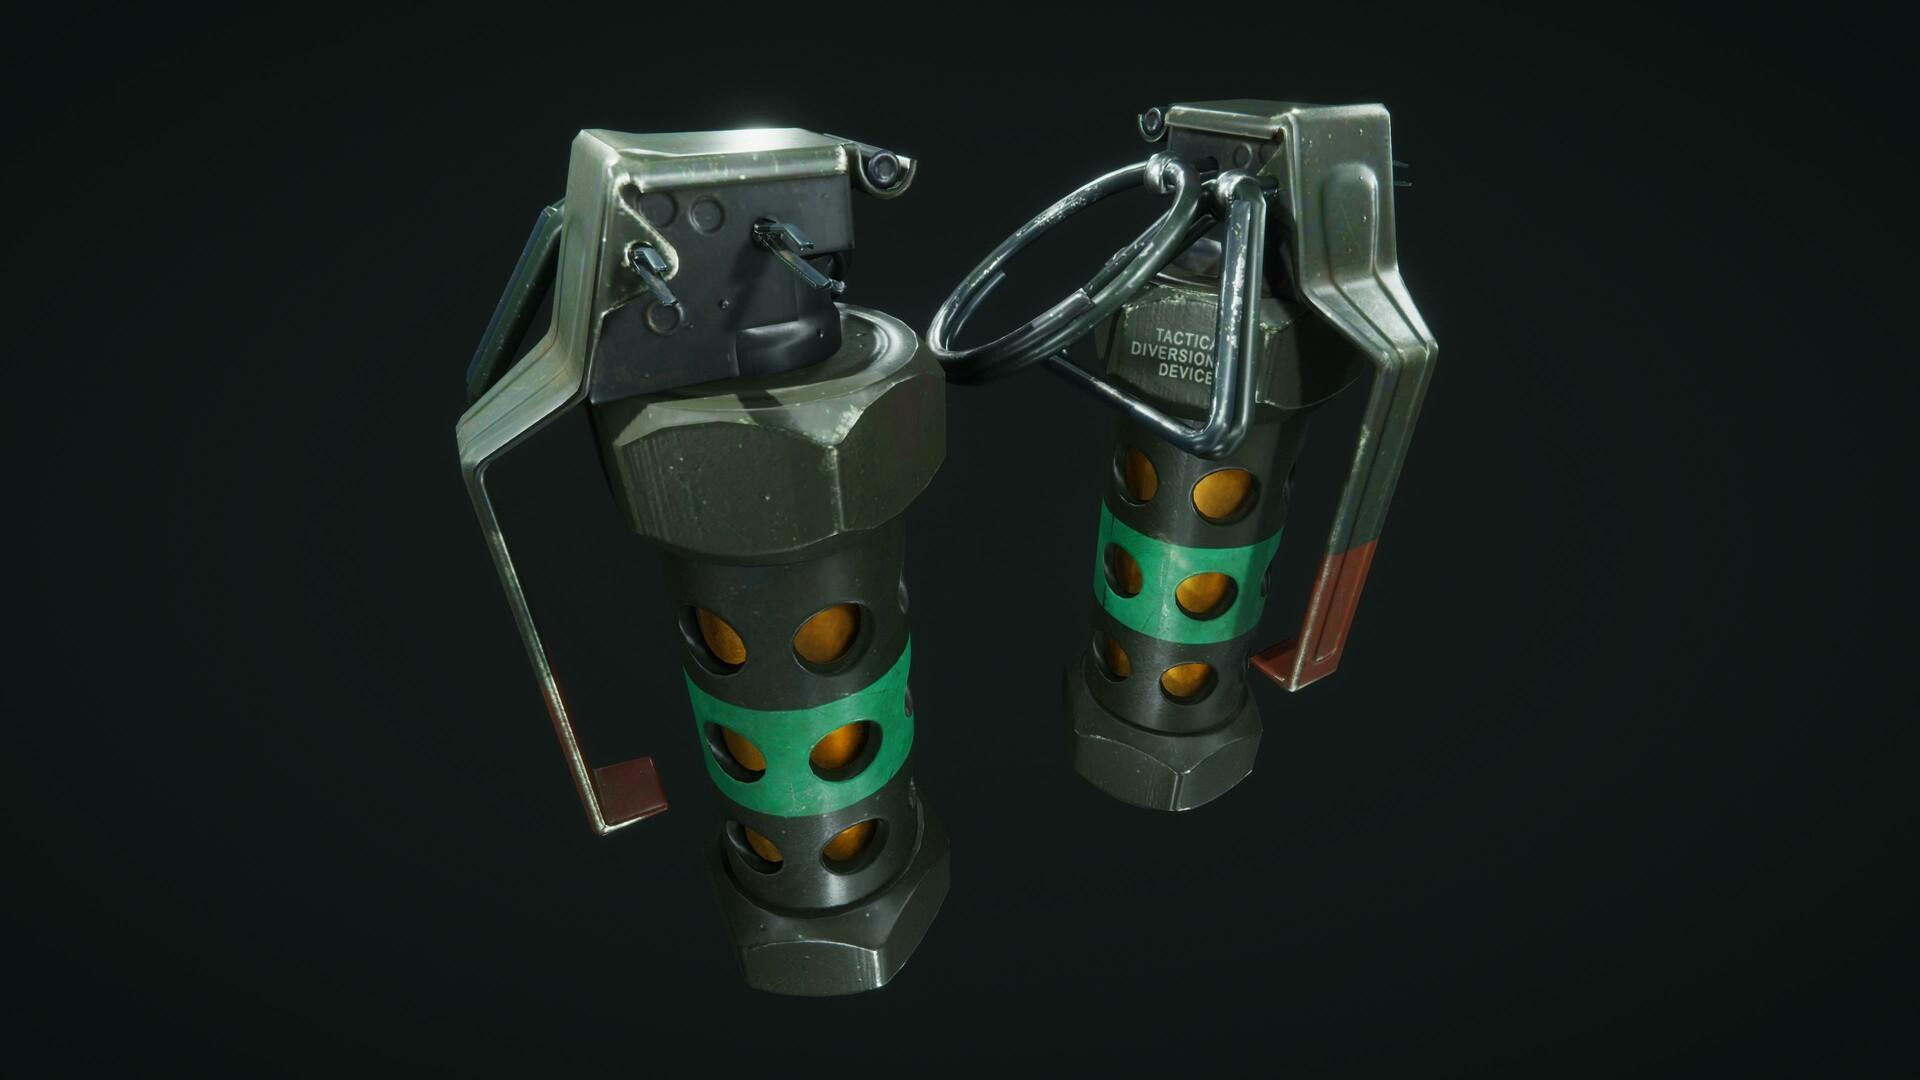 M84 Flash Grenade